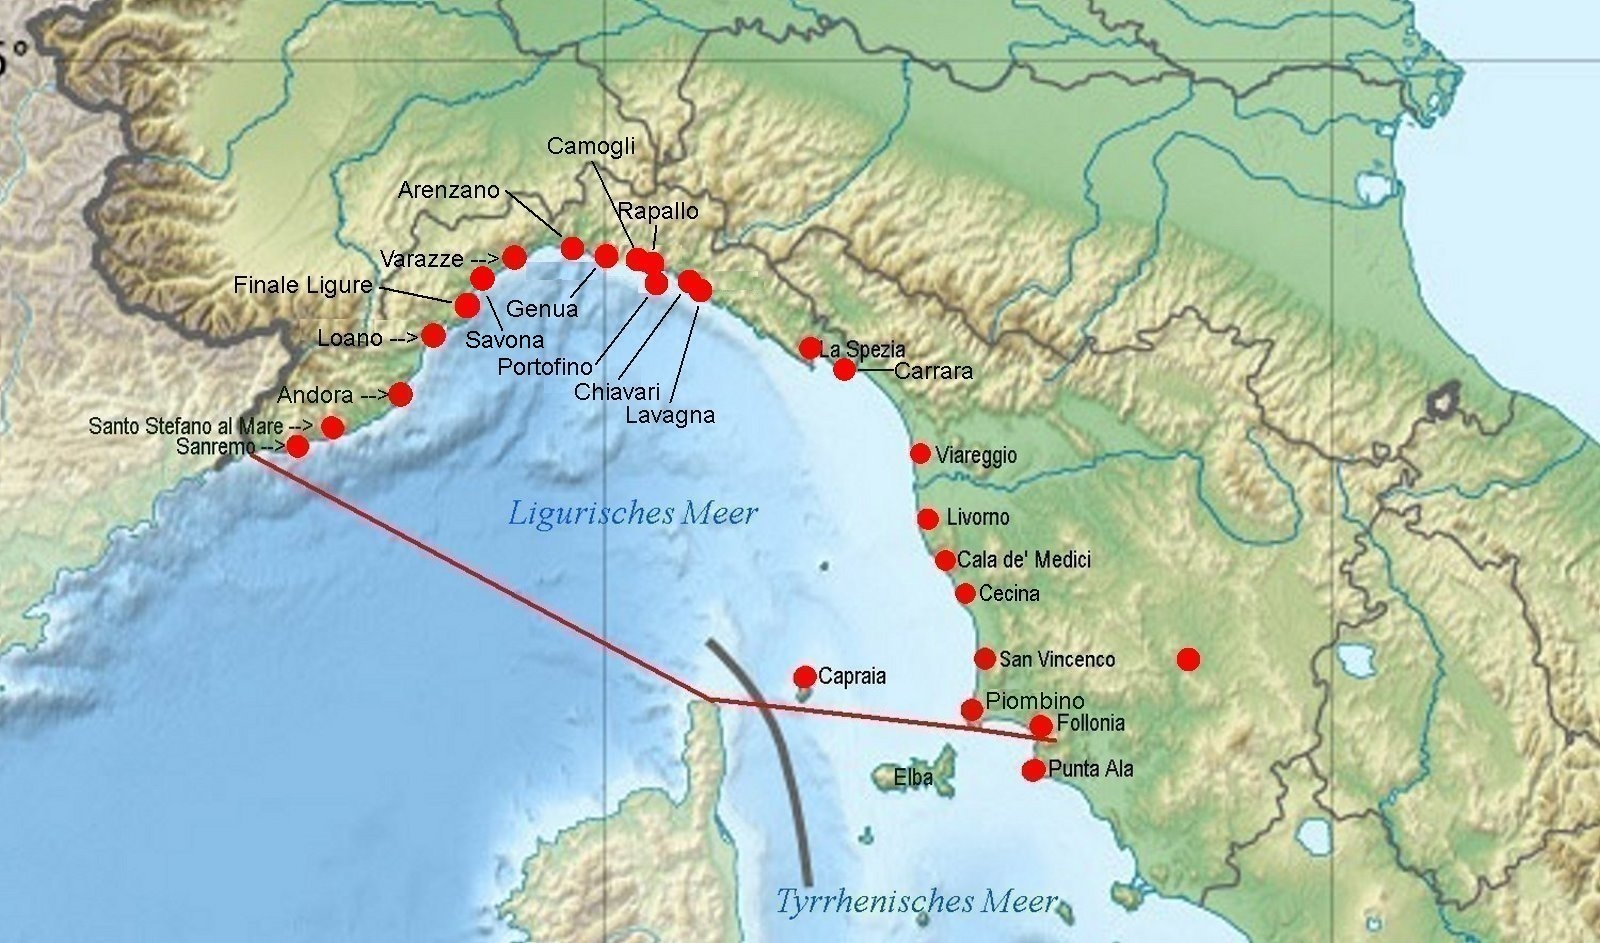 Monaco Italien Karte.Online Hafenhandbuch Italien Ligurisches Meer Und Hafen